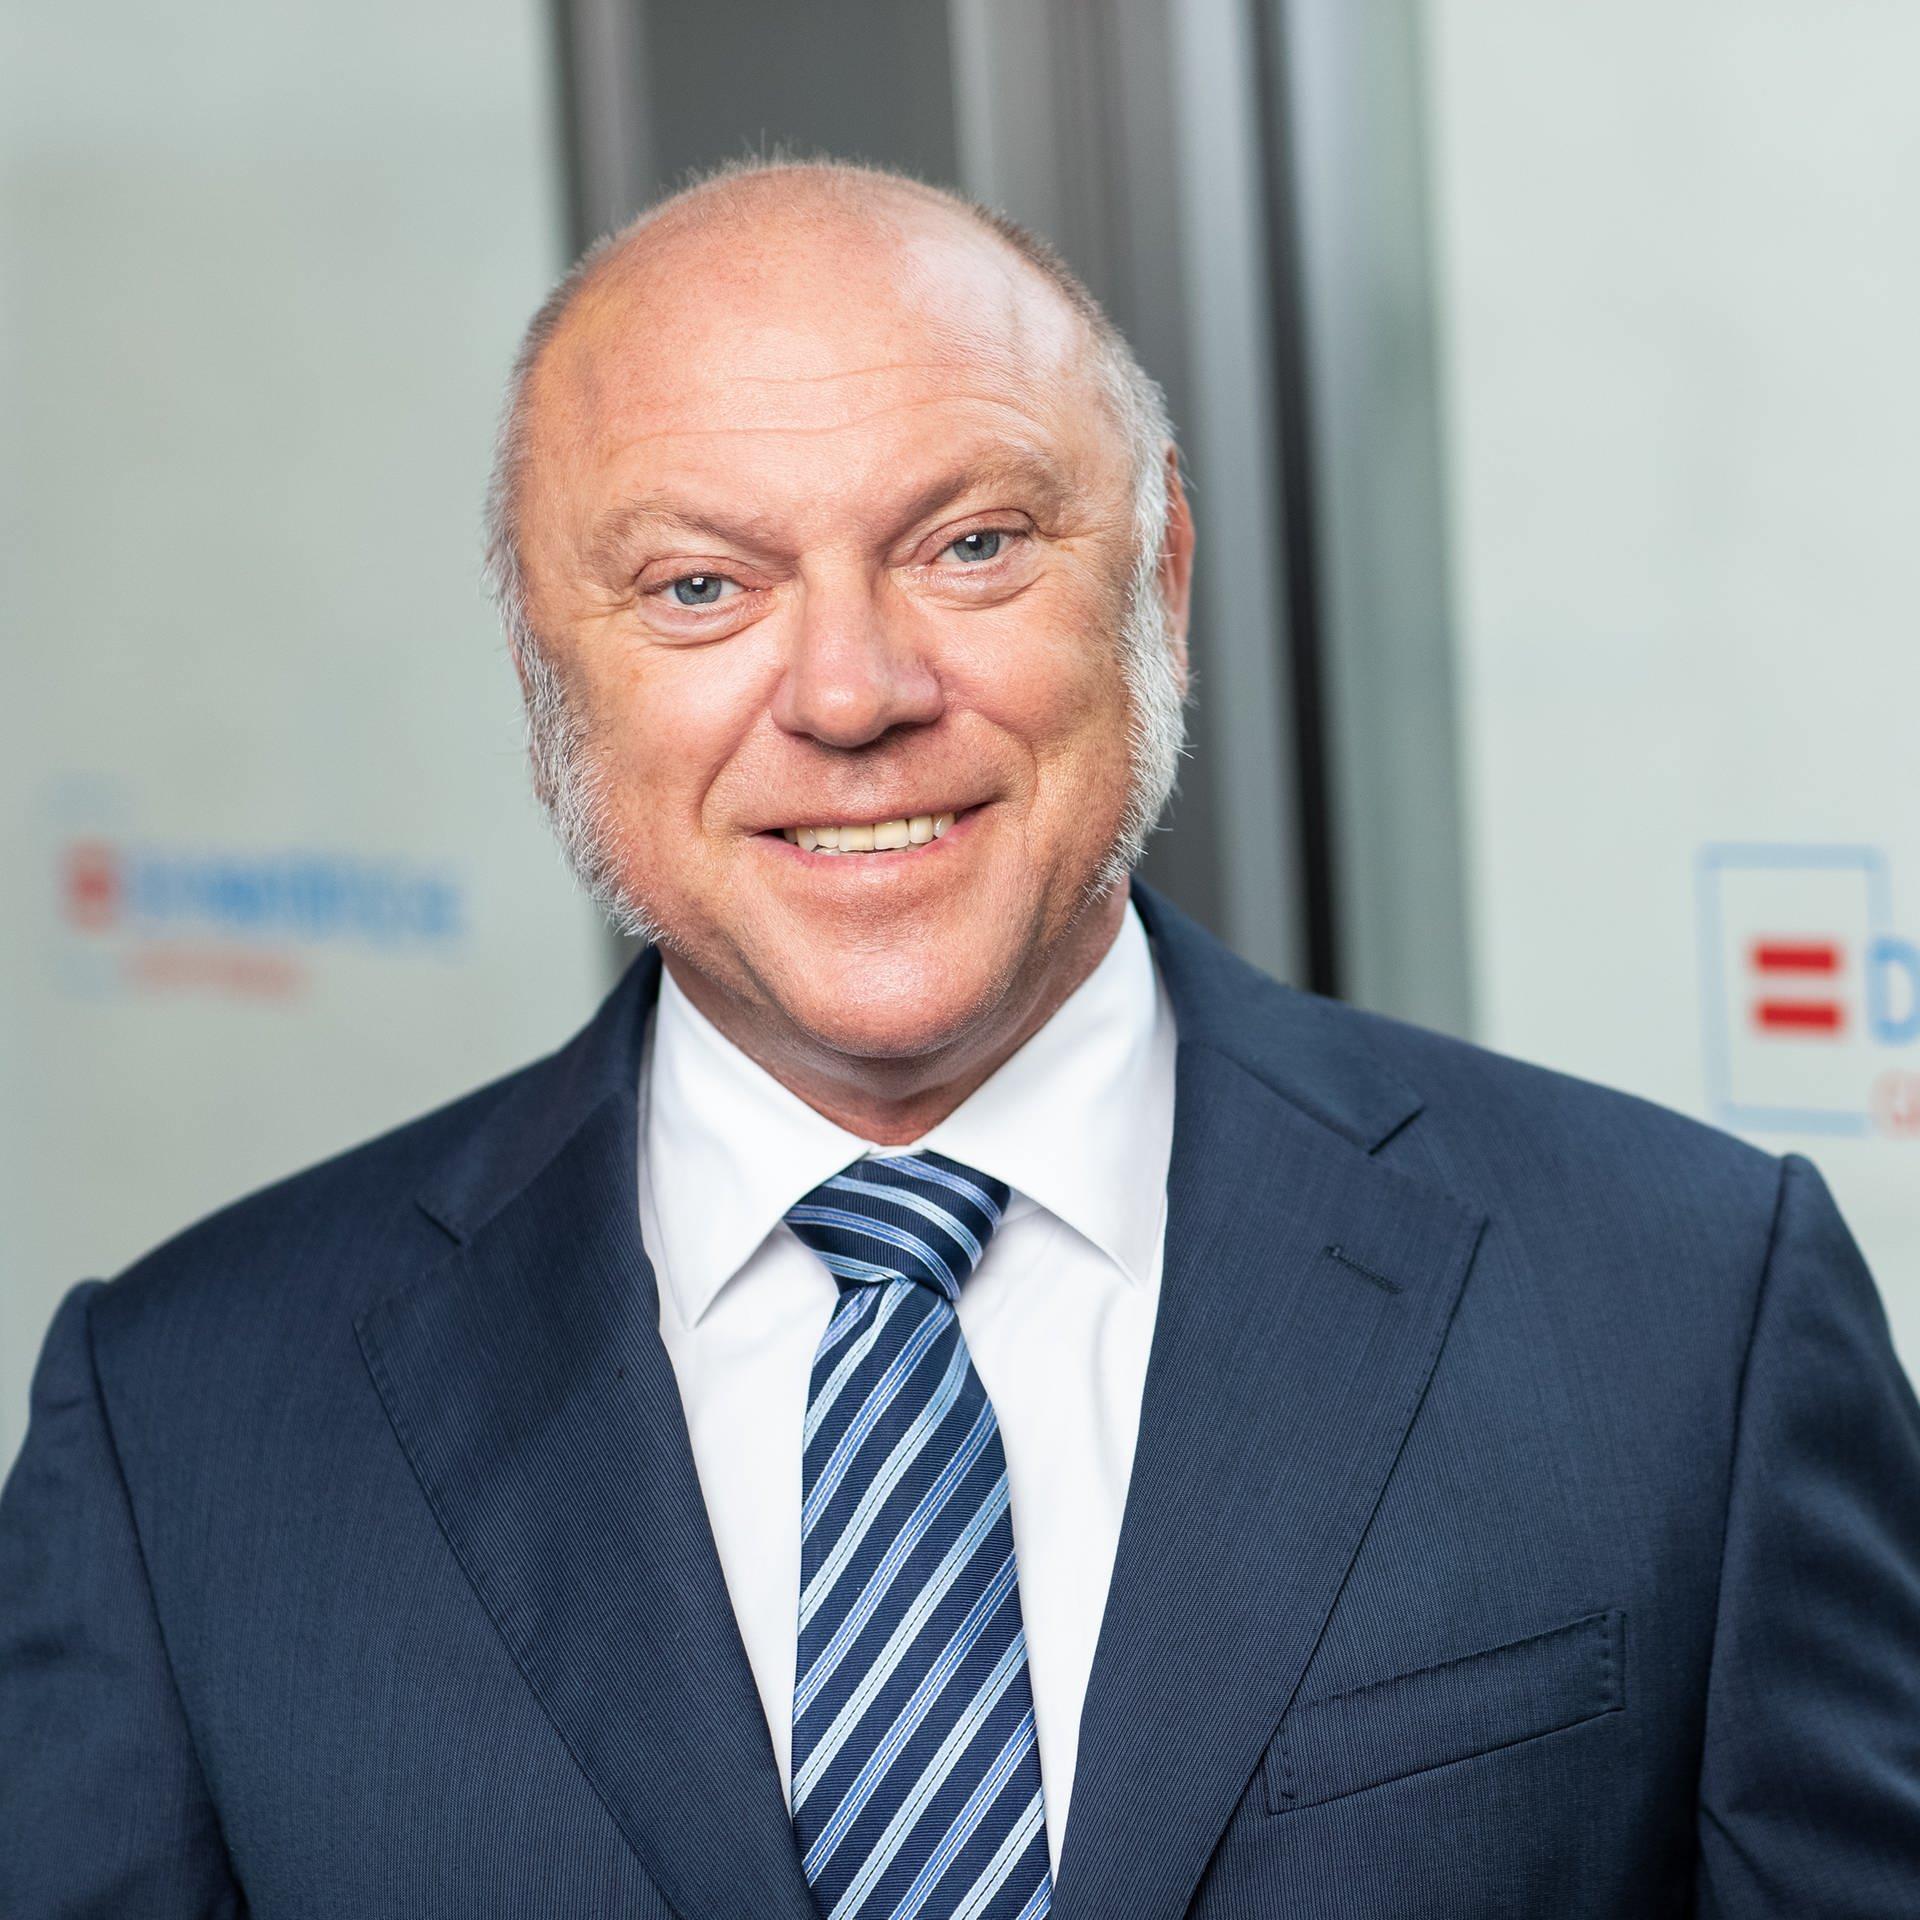 Ulrich Schneider   Hauptgeschäftsführer des Paritätischen Wohlfahrtsverbandes   Warnt vor Altersarmut und fordert eine radikale Rentenreform